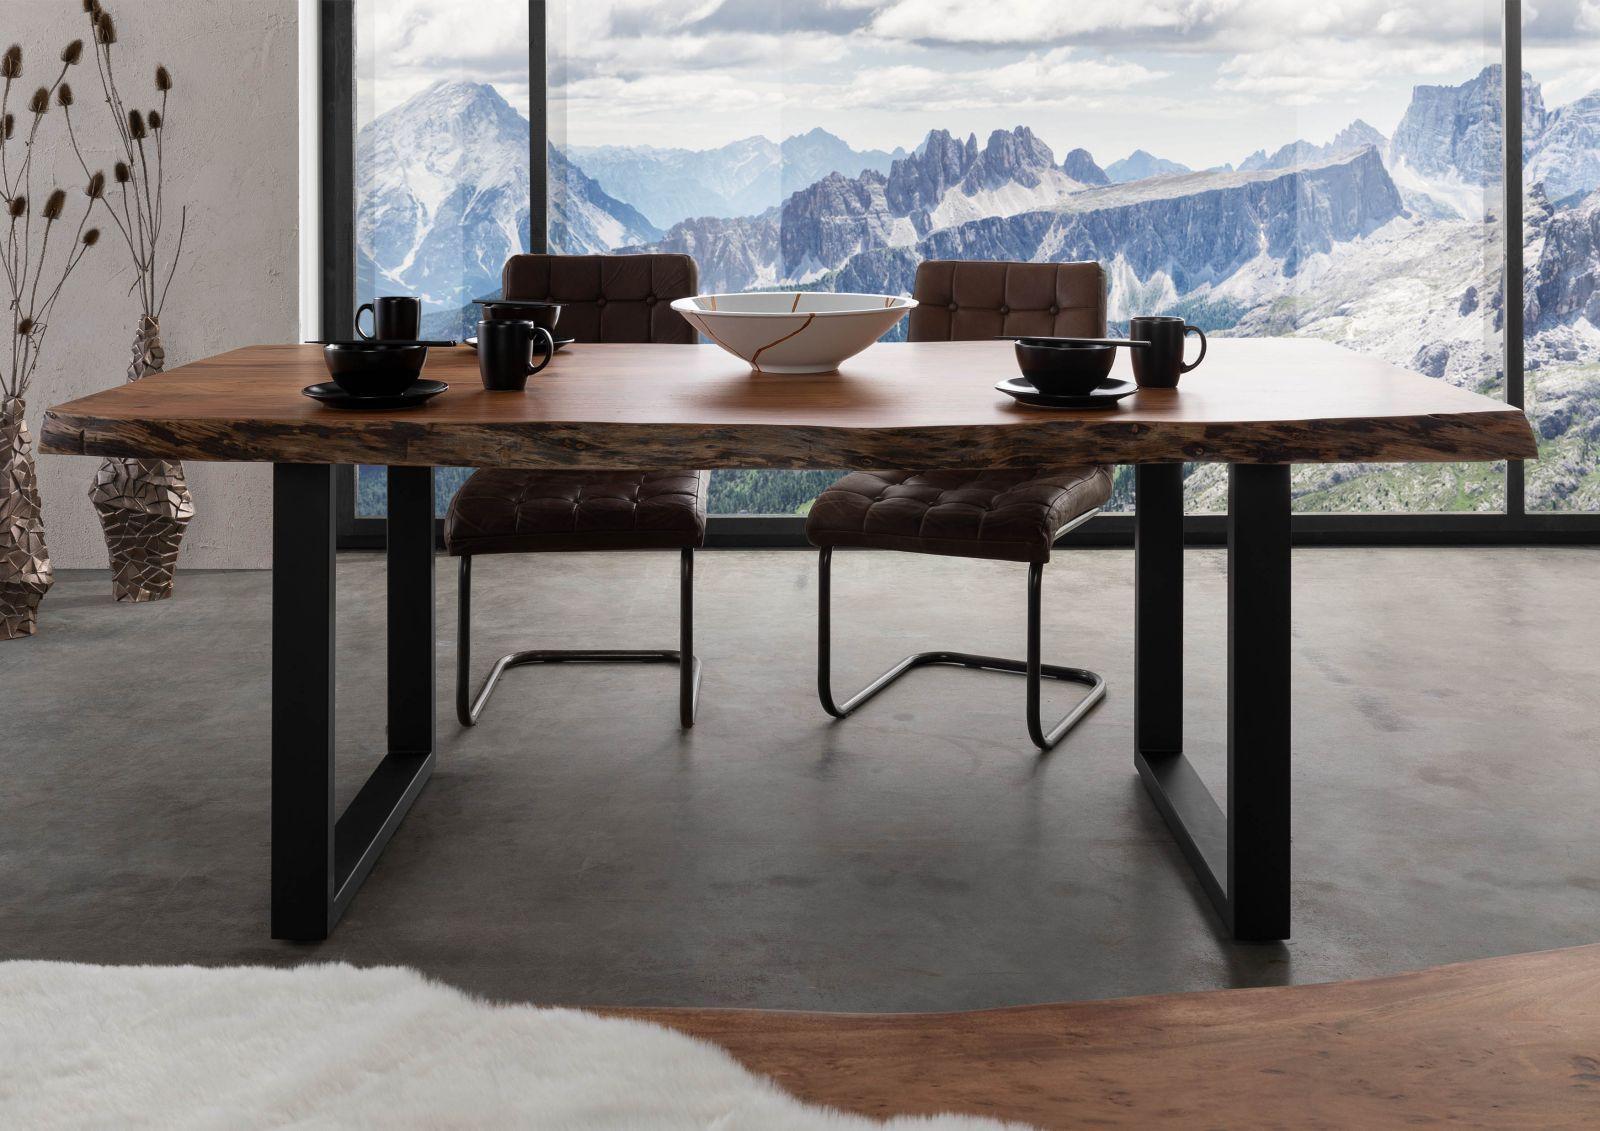 #massivmoebel24 #Akazie #Akazienholz #wood #wohnen #holzdetail #massiv #Inspiration #interior #Esszimmer #Möbel #holz #instainterior #instahome #interiorlover #diningroom #table #tisch #modern #furniture  #einrichtung #einrichtungsideen #decoracao #decorideas #bamberg #modernhomes #dailyinterior #diningtable